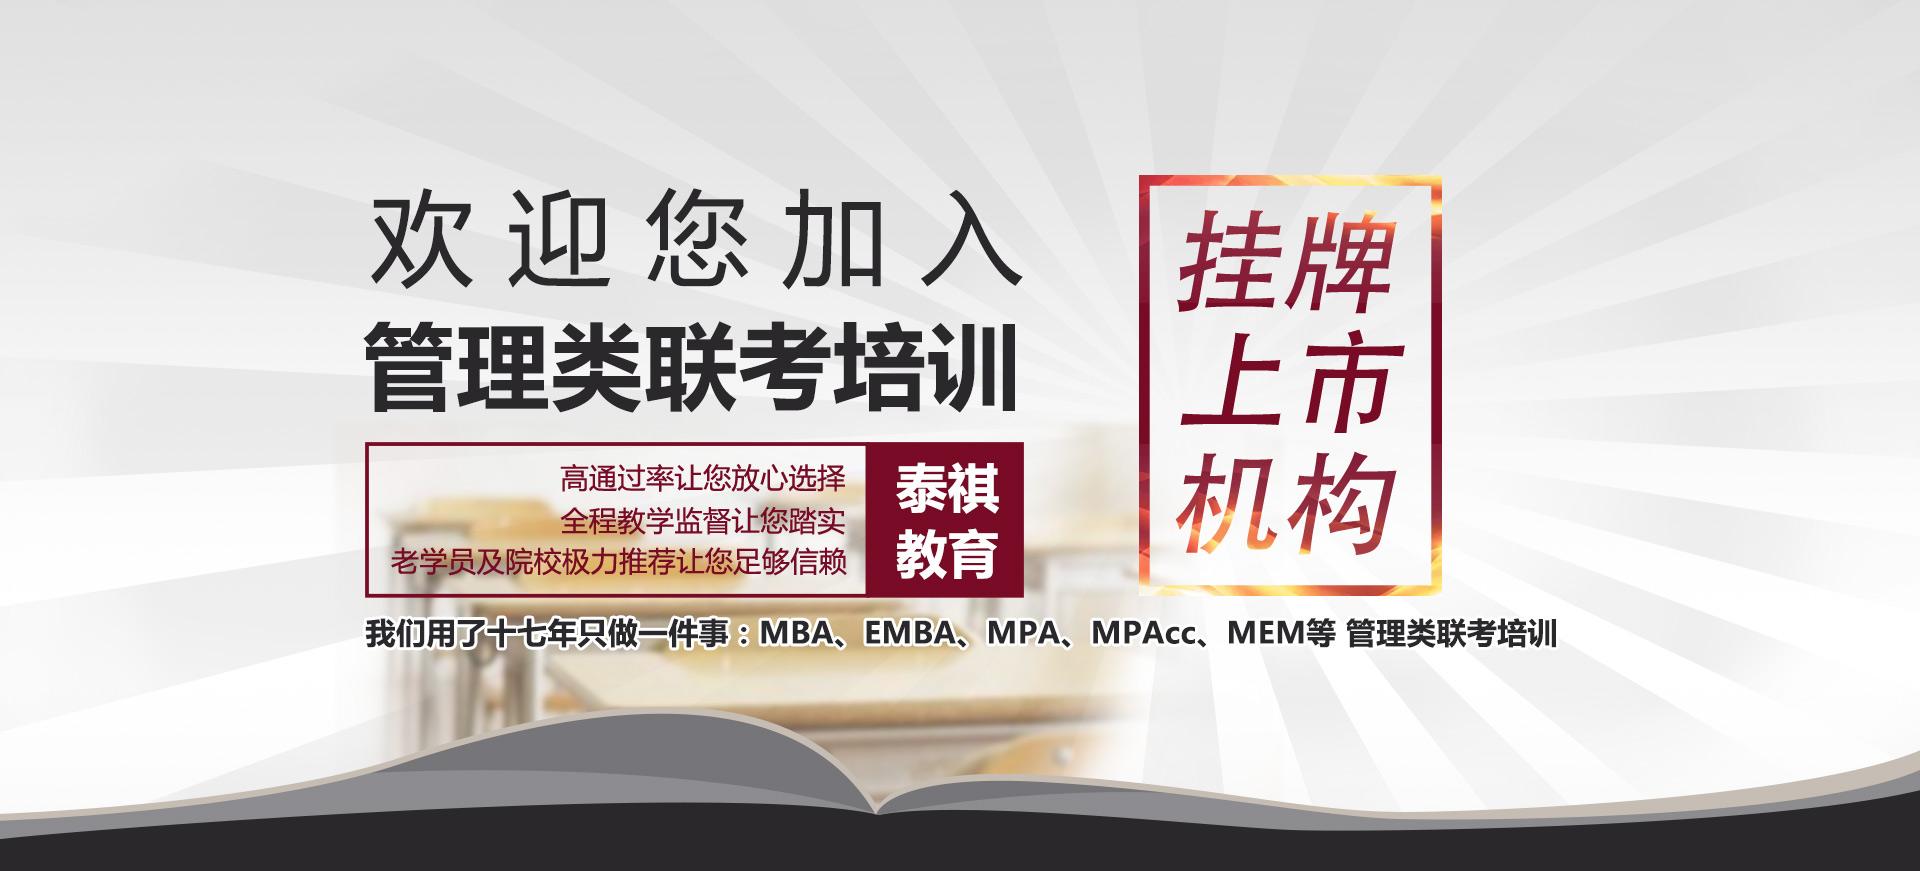 厦门大学管理学院工商管理硕士招生简章